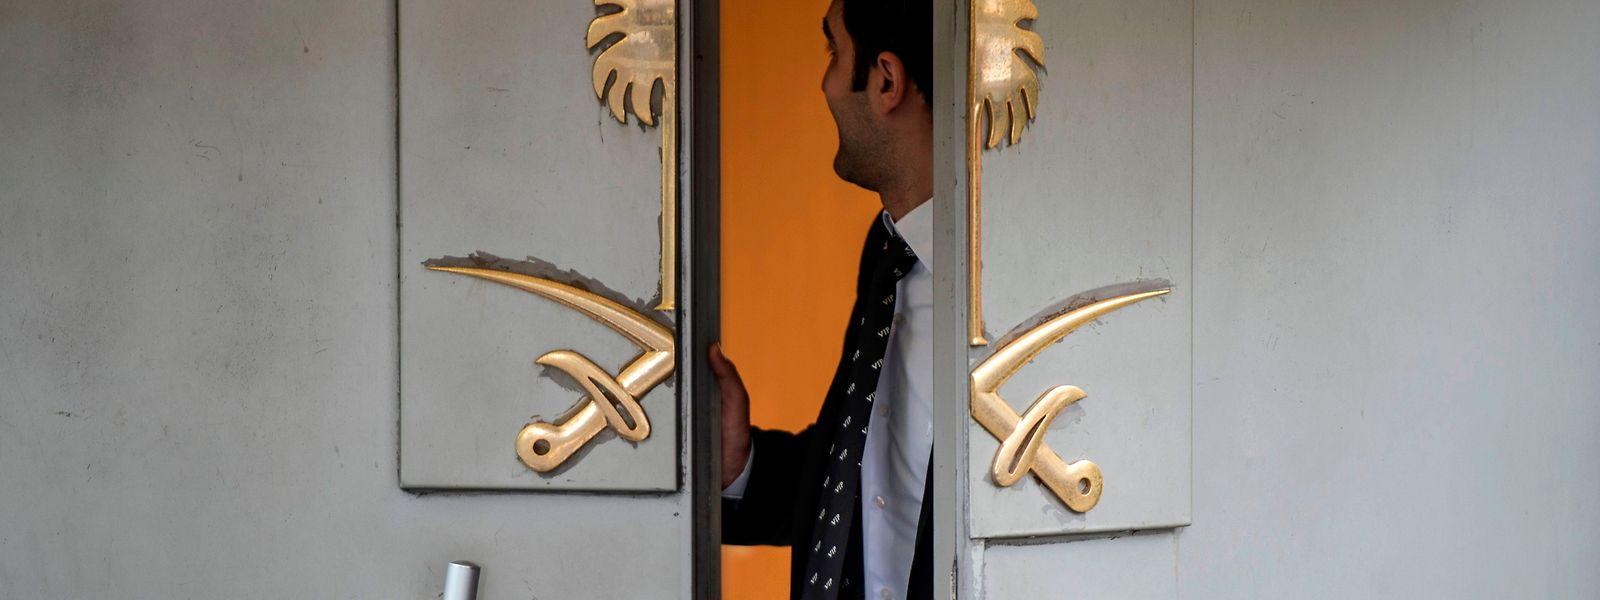 Gleich nach Betreten des Konsulats durch den Haupteingang soll Khashoggi erwürgt worden sein.